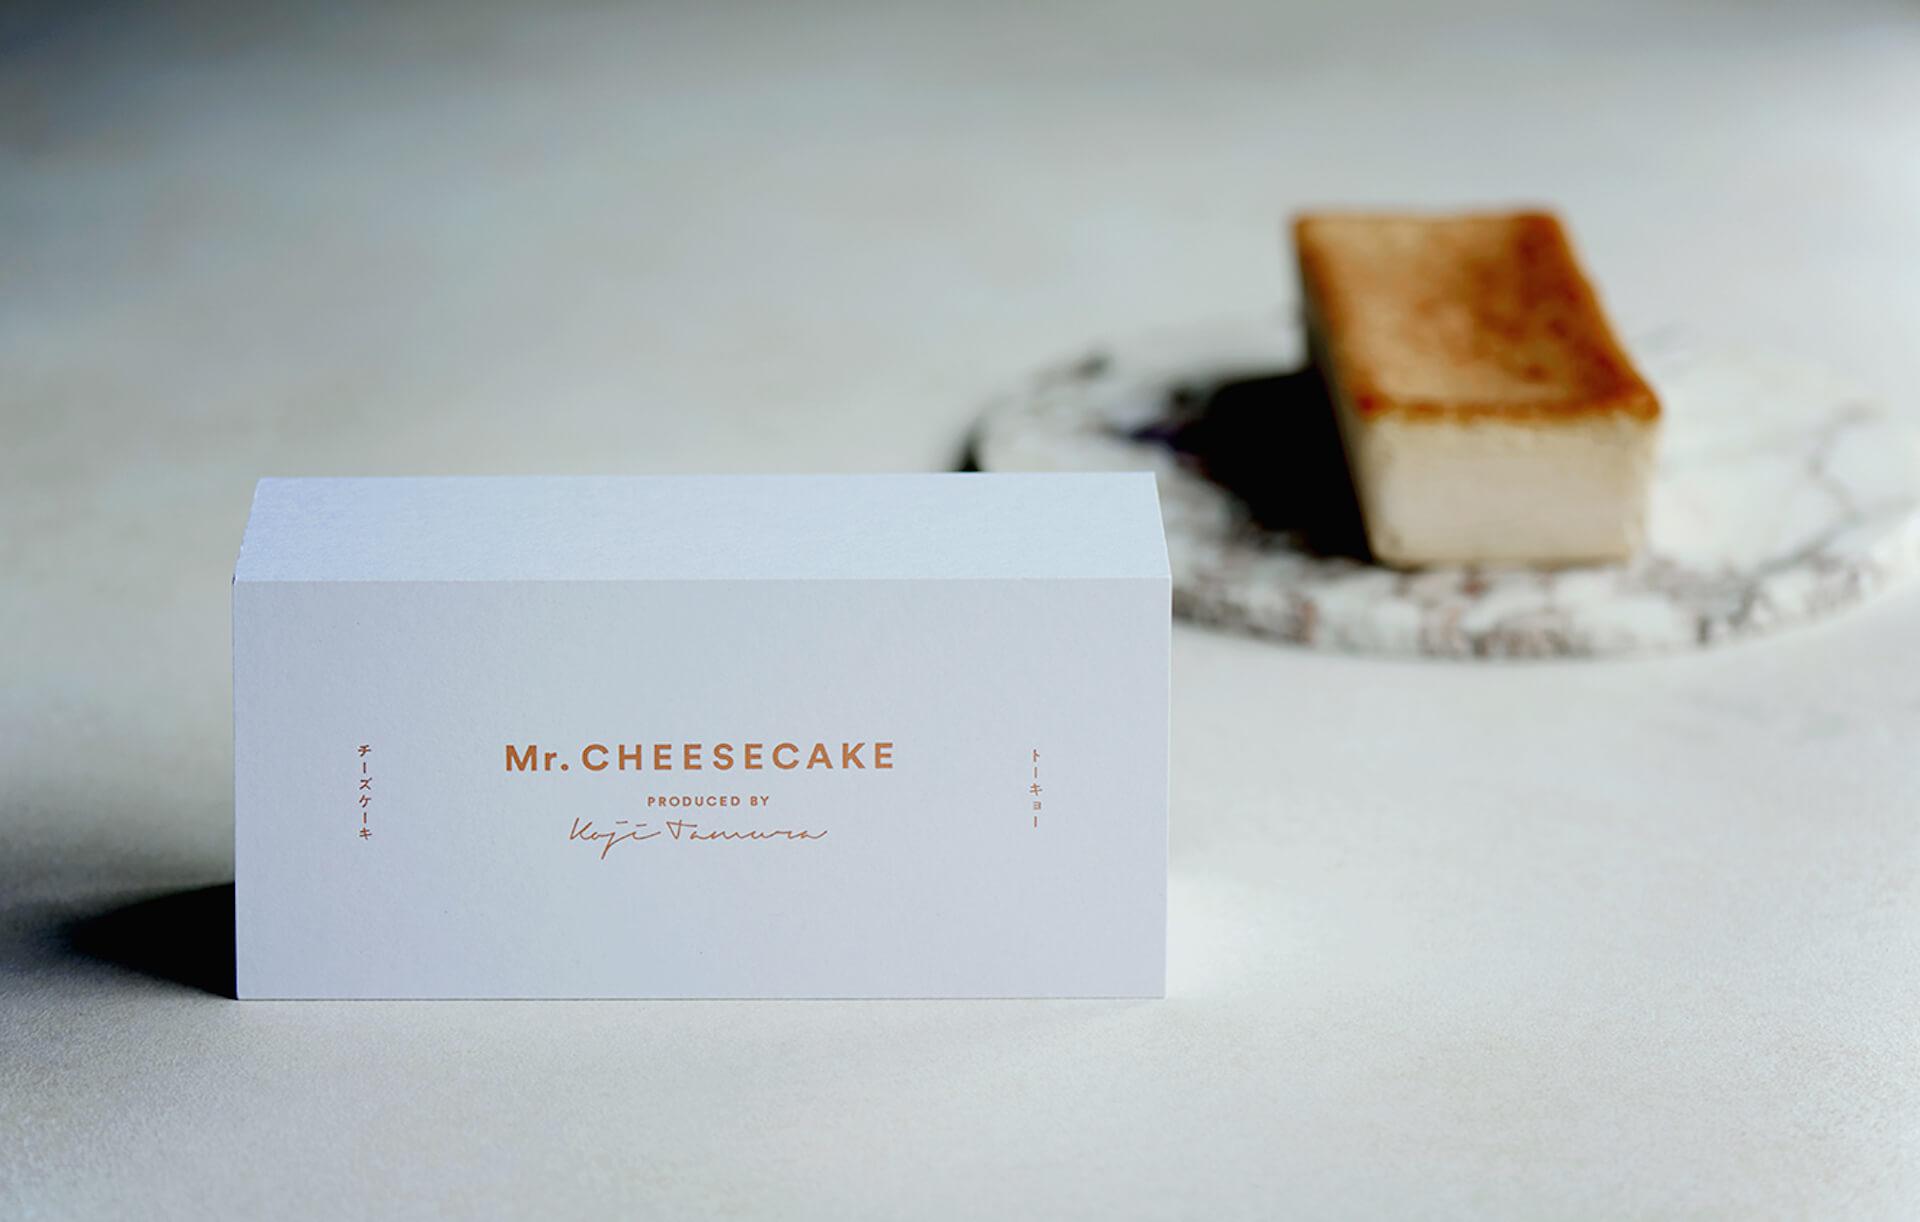 絶品チーズケーキで人気のMr. CHEESECAKEが加賀美健とのコラボショッパーを制作!チーズケーキとのセット商品が発売決定 gourmet201110_mrcheesecake_kagamiken_9